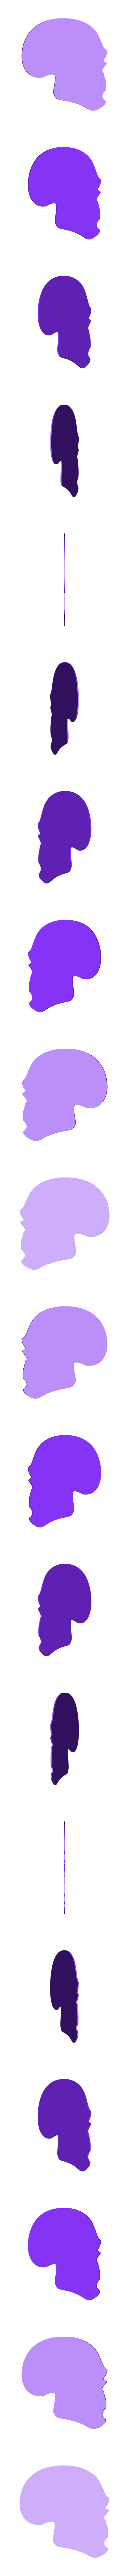 punk_hairy_2_fixed1.stl Télécharger fichier STL gratuit Porte-clés tête de mort avec cheveux • Modèle pour imprimante 3D, 3dlito